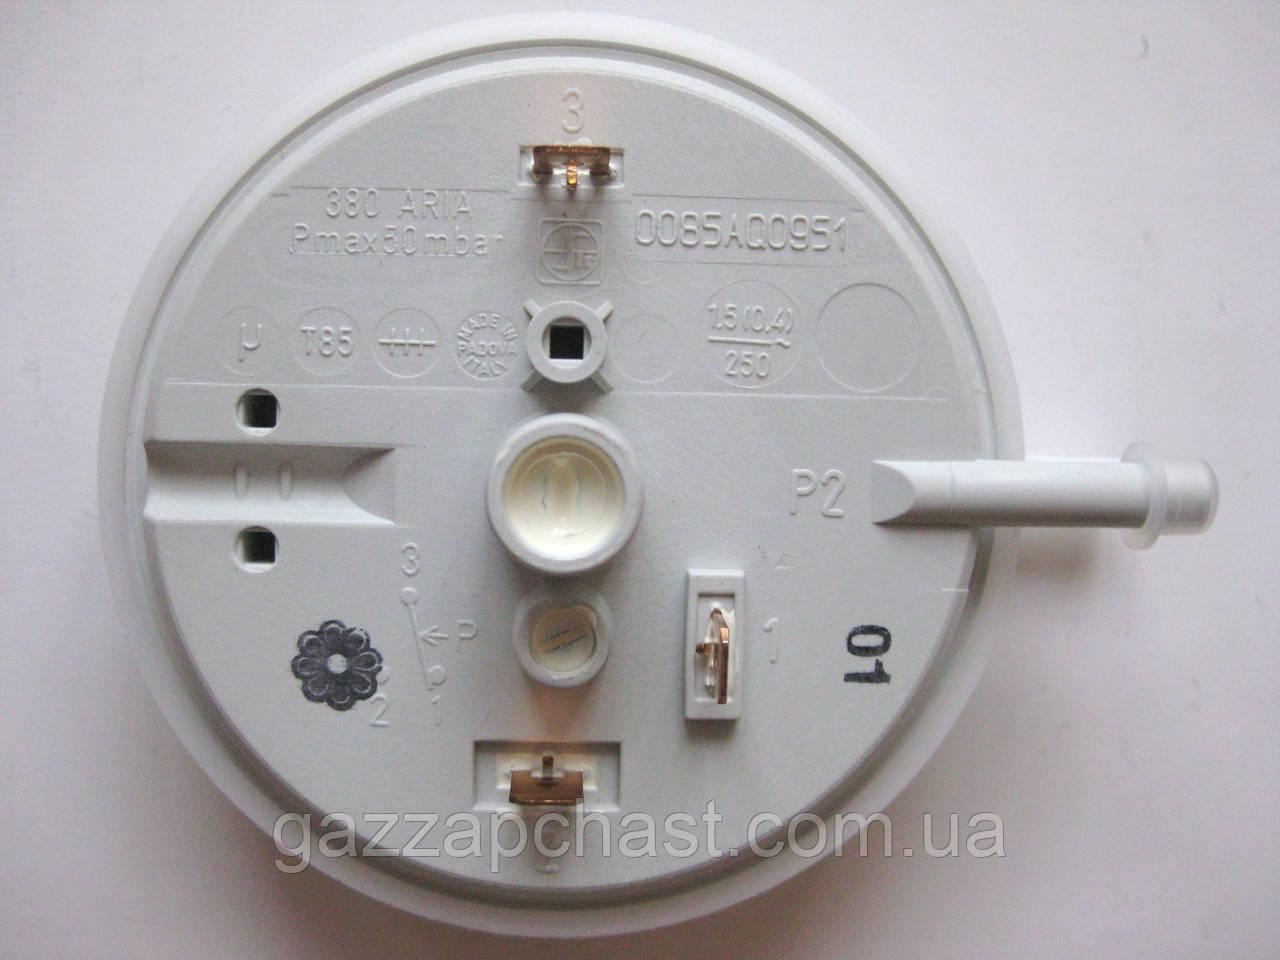 Датчик вентилятора универсальный Sit 39/25 Pa (0.380.033)